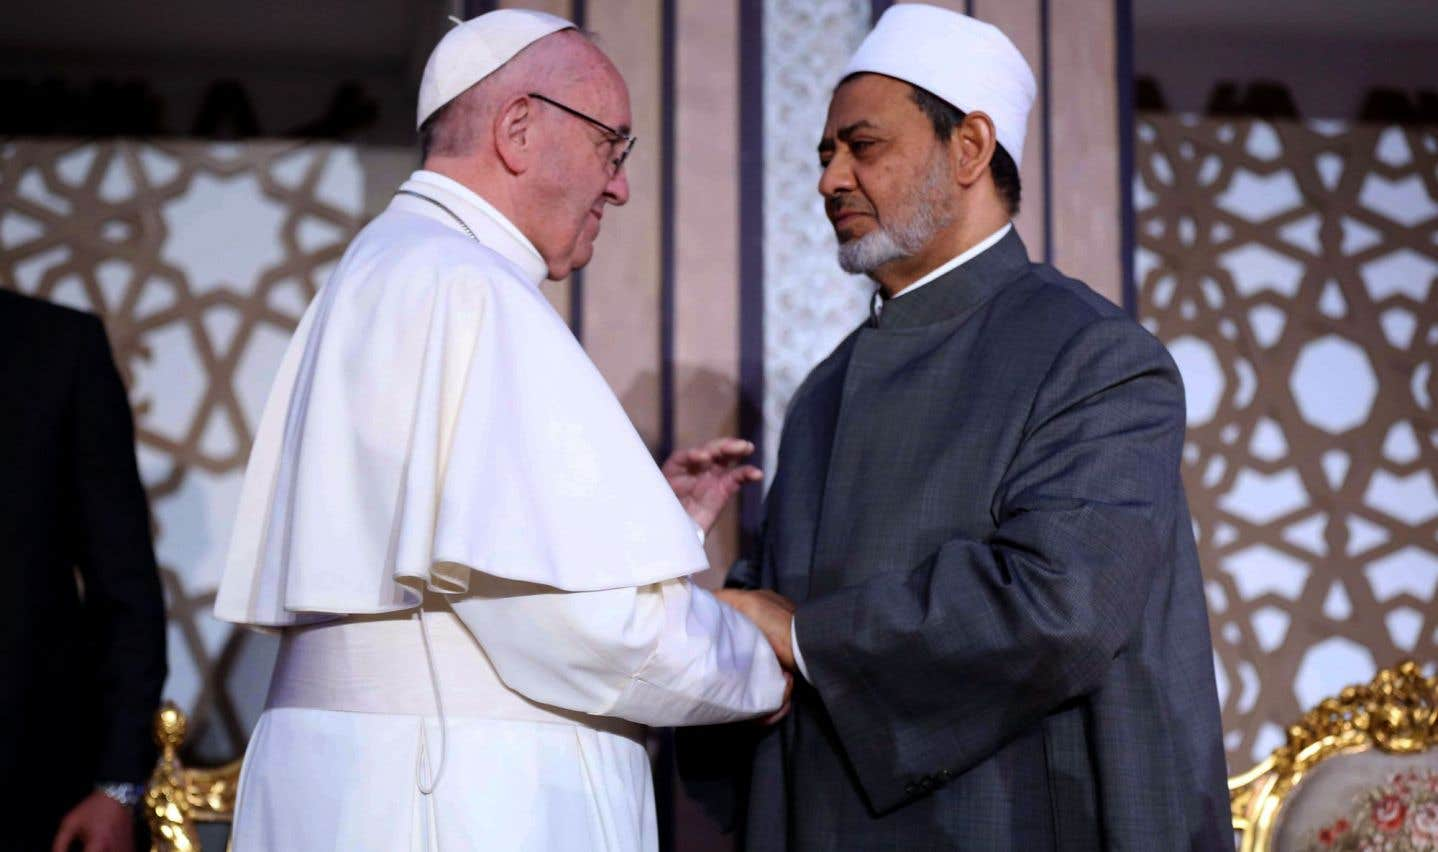 En Égypte, le pape dénonce les violences au «nom de Dieu» et le populisme